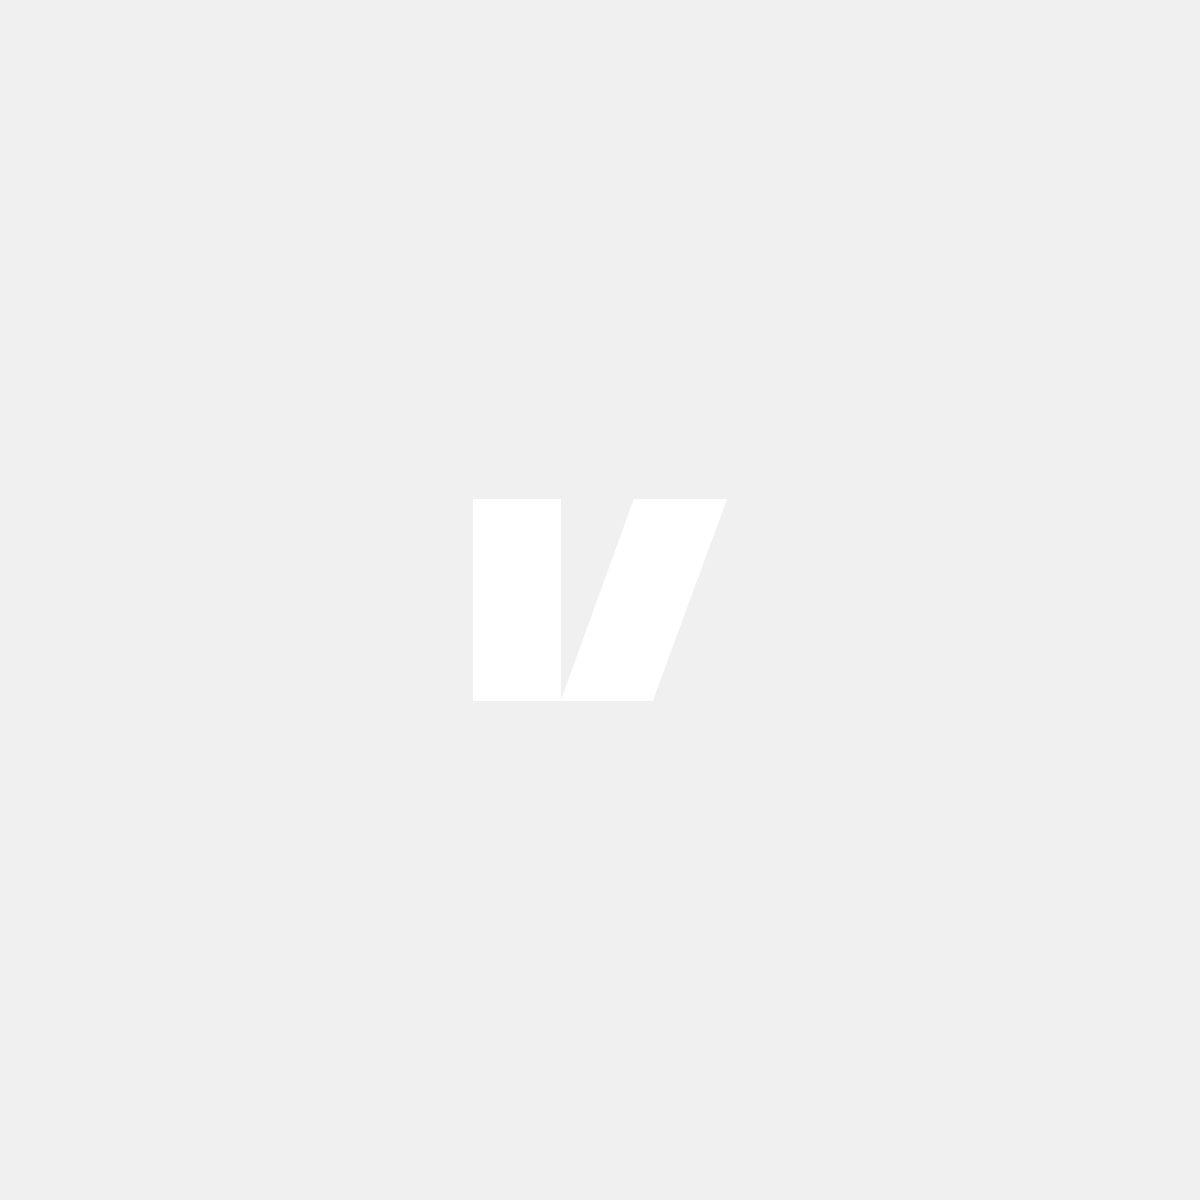 Adapter för nya bakljus (14-17) till Volvo V70, XC70, 08-